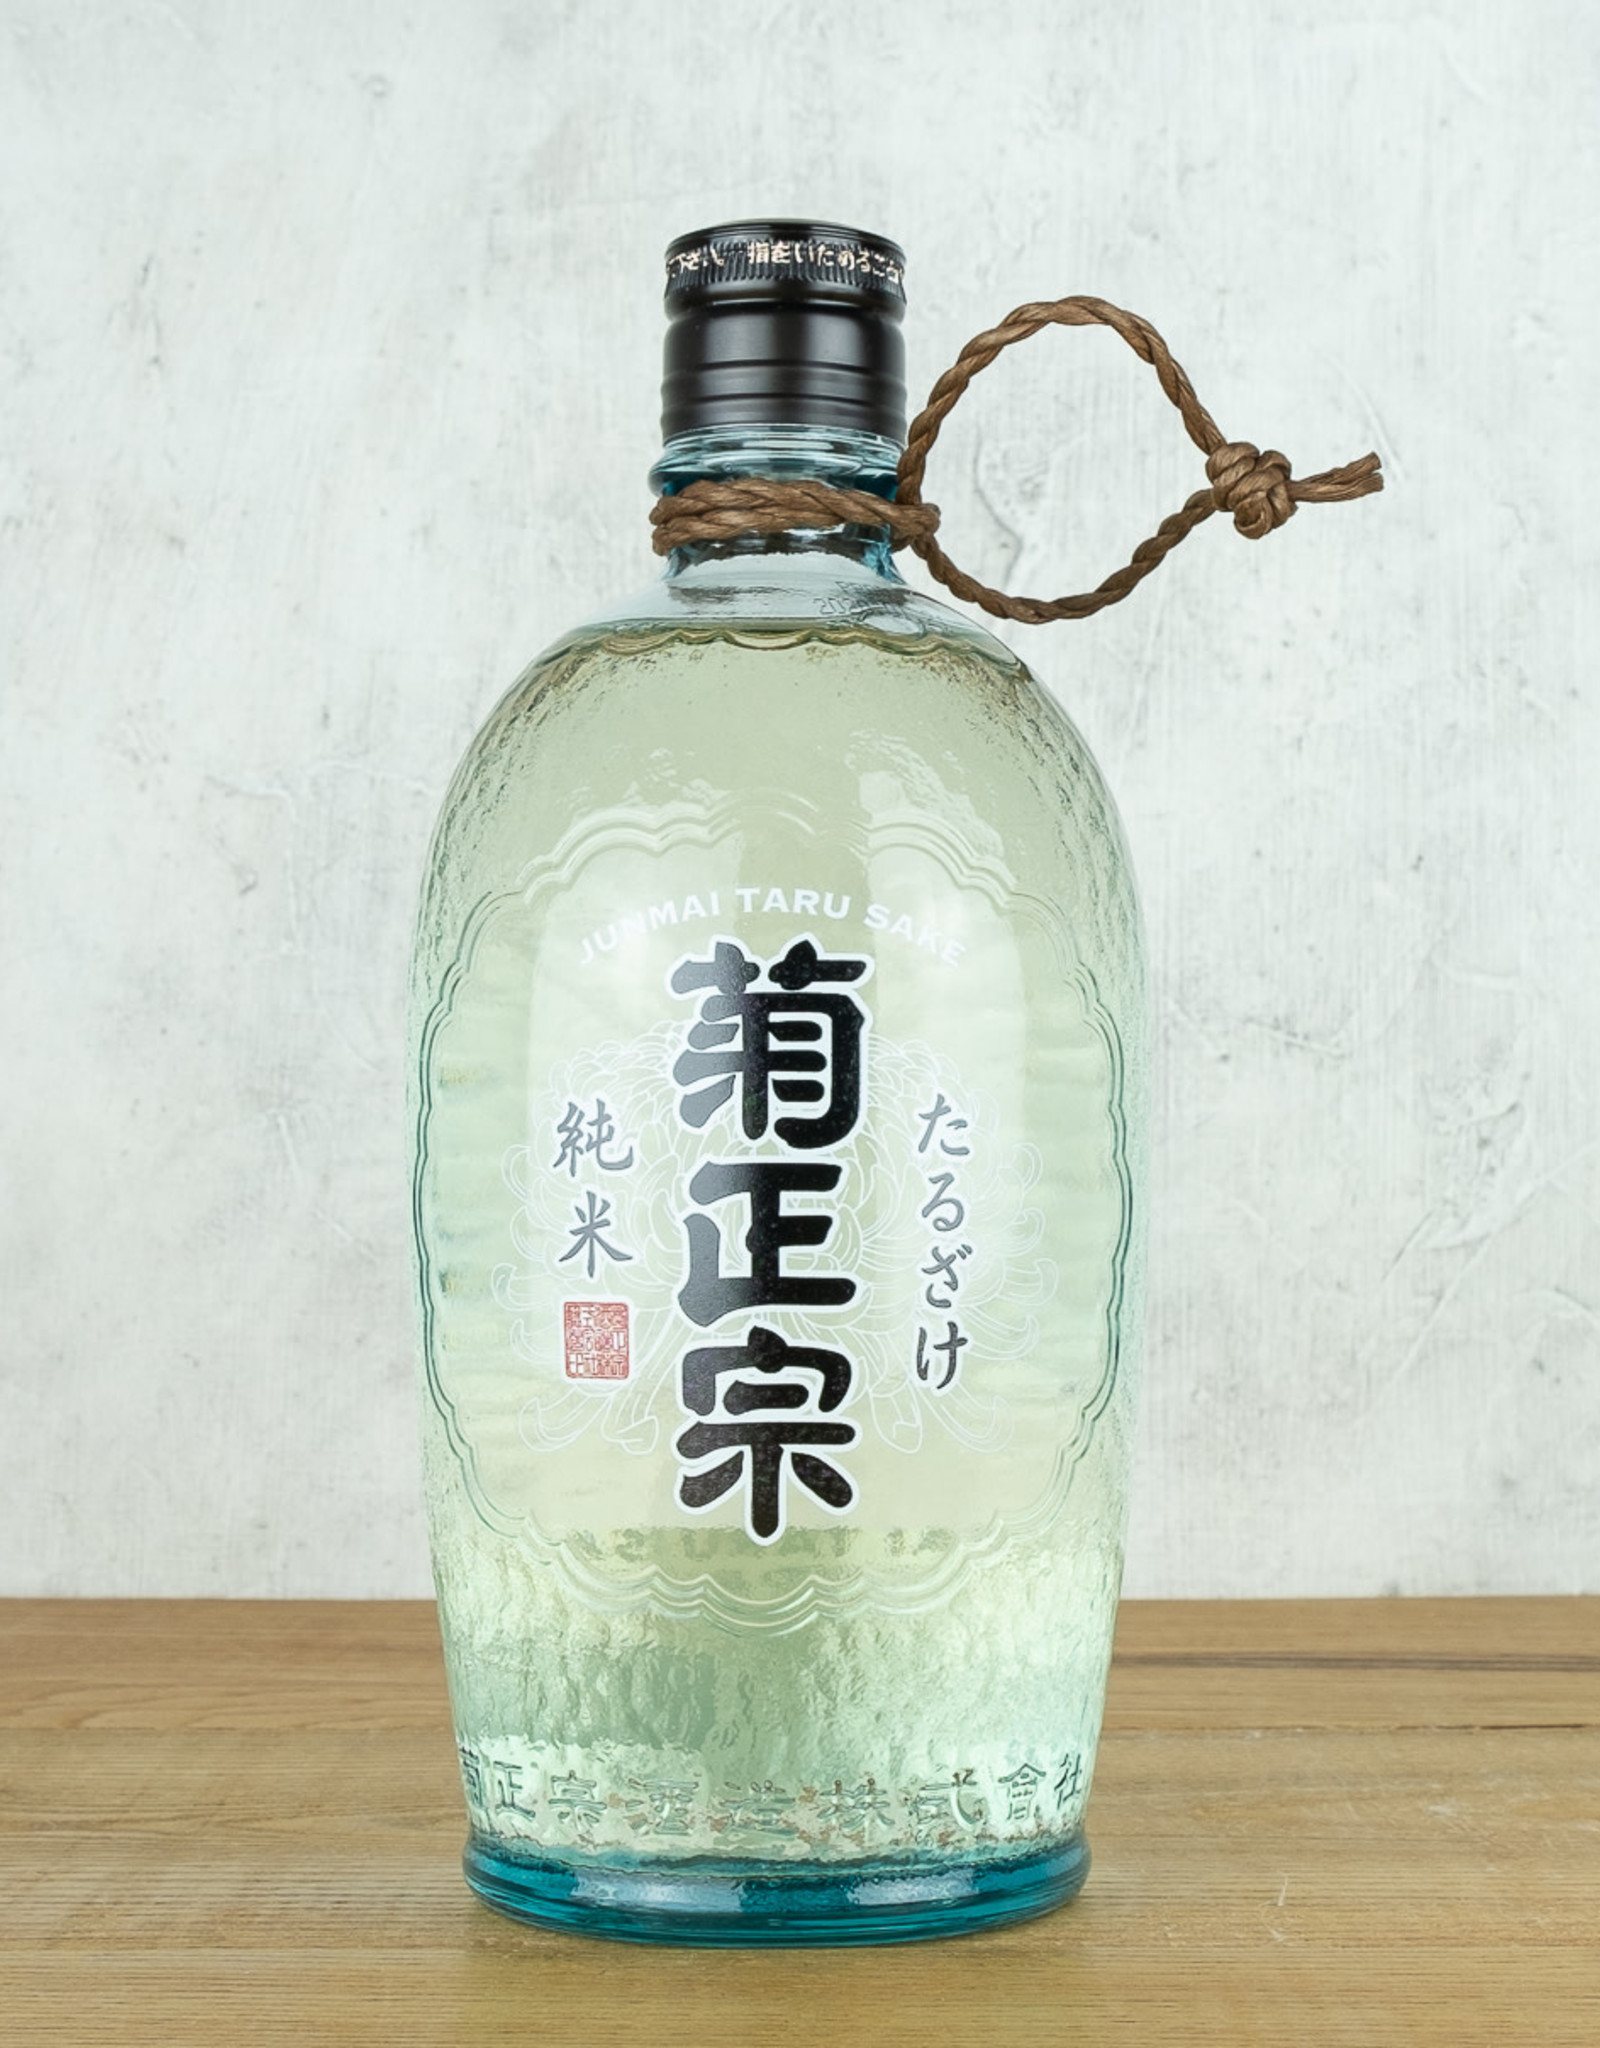 Kiku-Masamune Junmai Taru